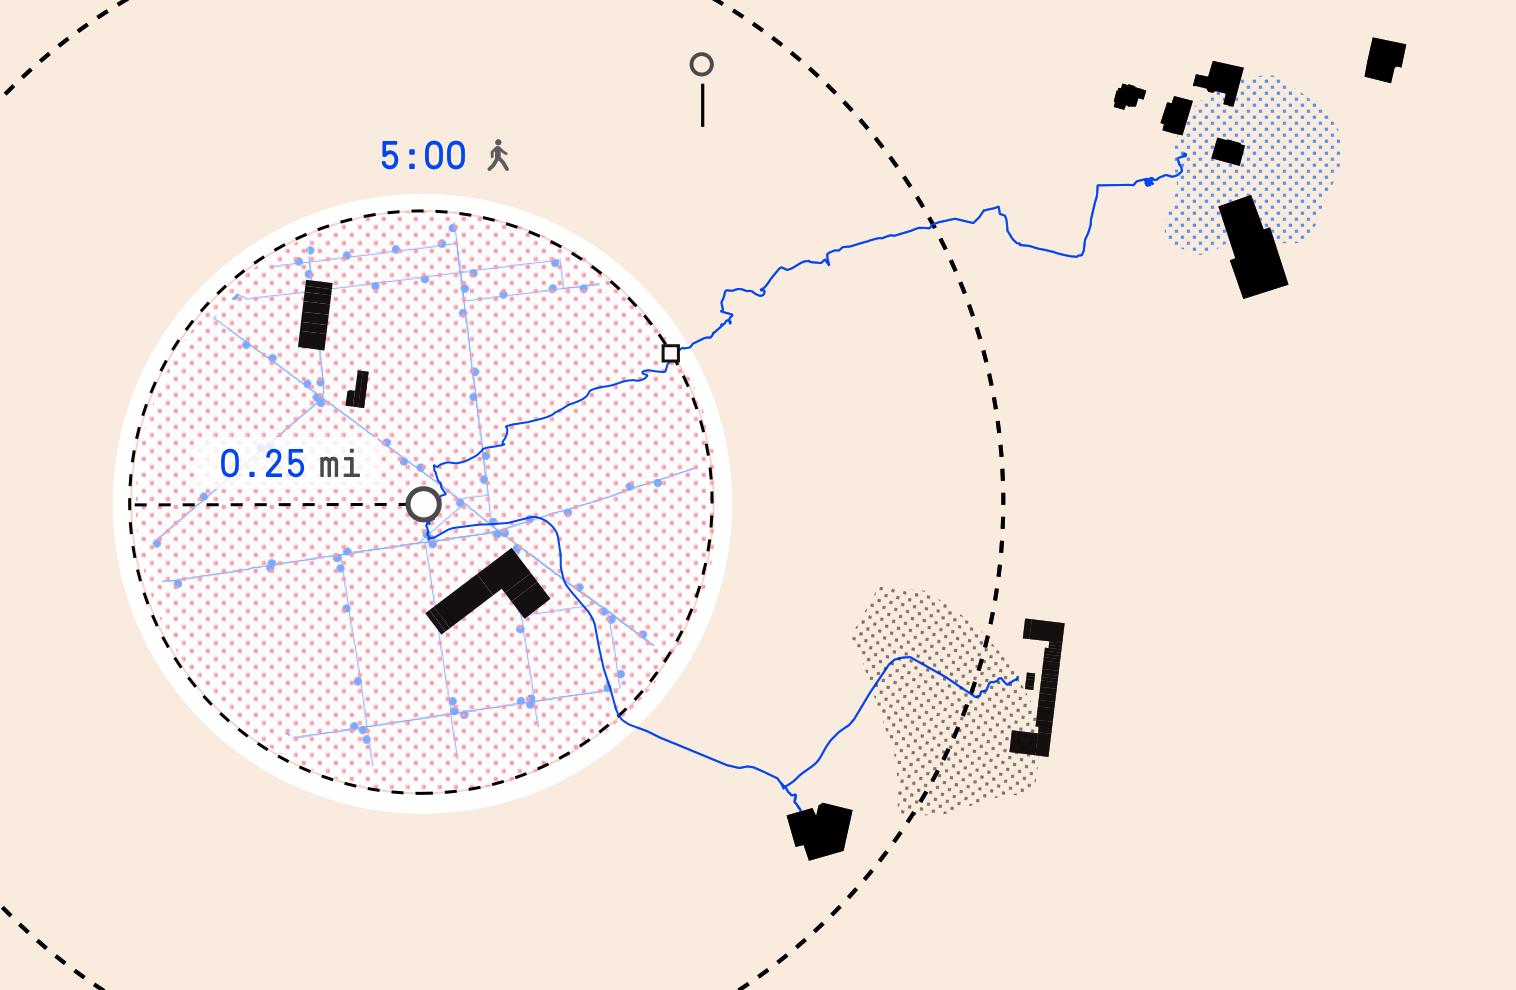 The 5-minute walk on 150 mile radius map, 75 mile radius map, 100 mile radius map, 40 mile radius map, 25 mile radius map, 300 mile radius map,